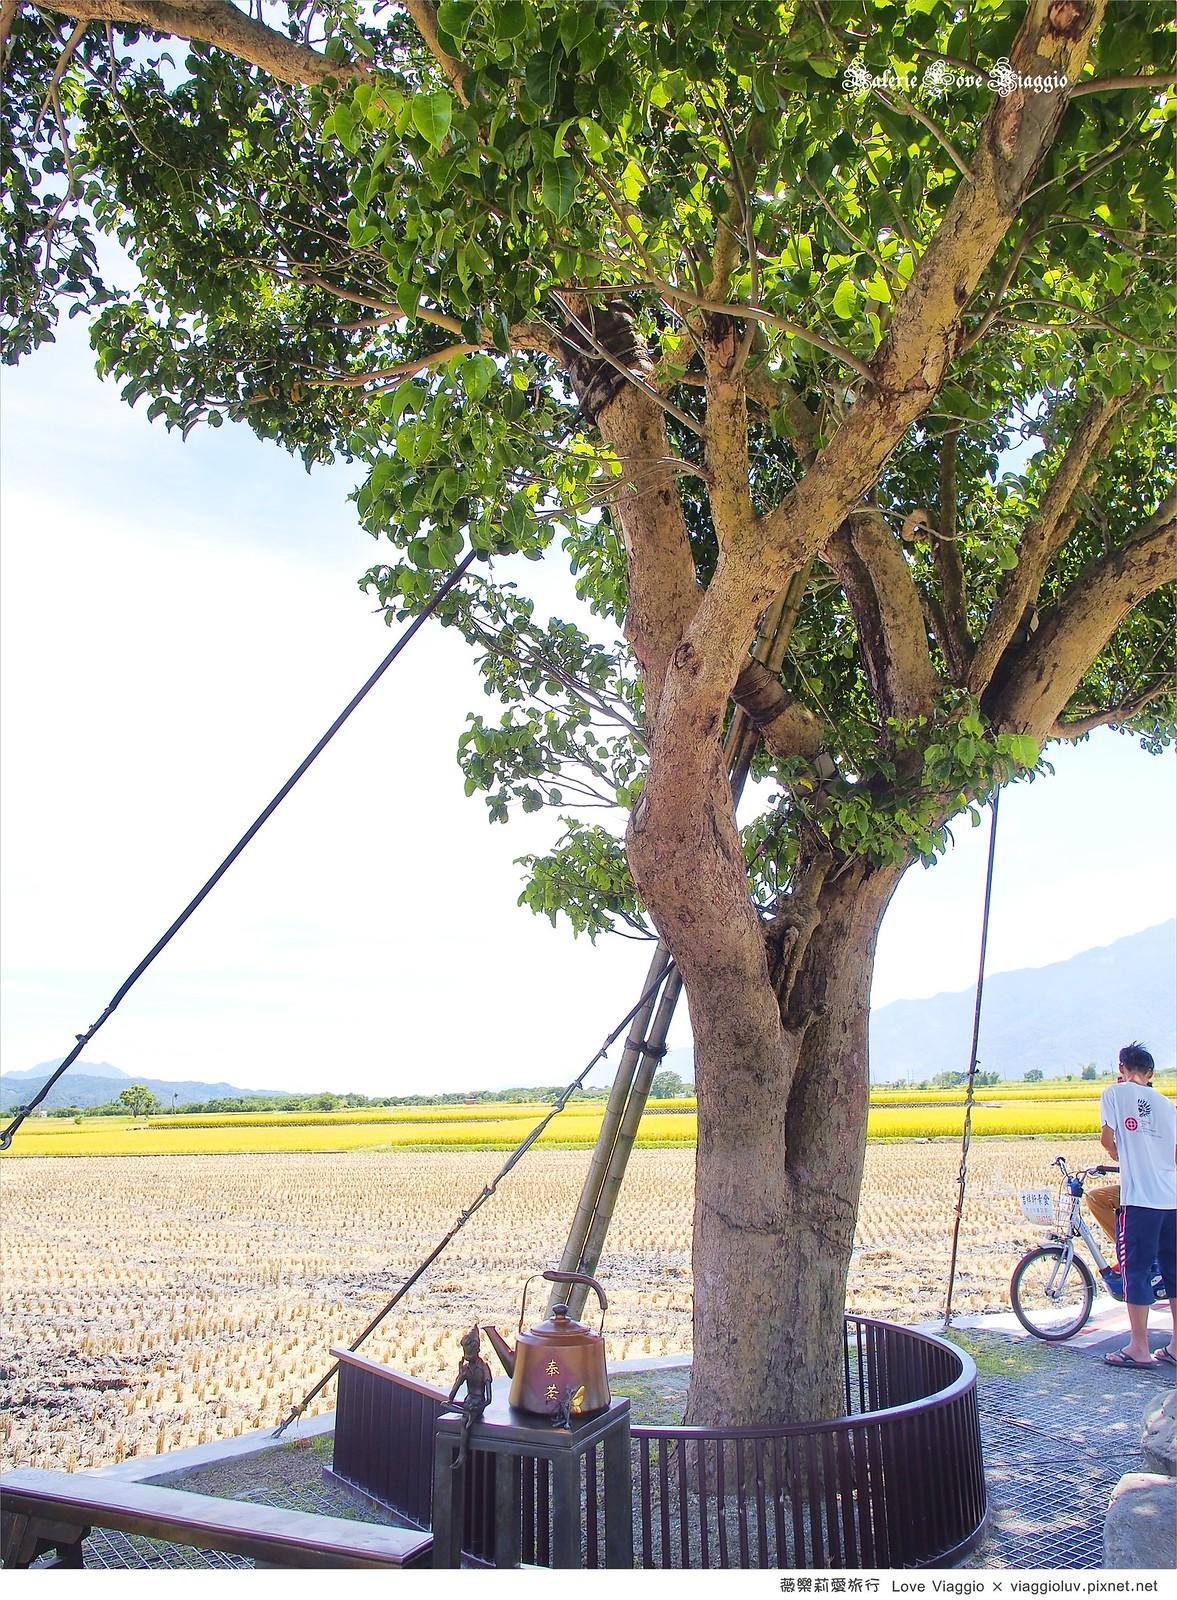 【台東 Taitung】池上伯朗大道 夏天稻田成熟的季節 租一台單車馳騁在金色稻浪中 @薇樂莉 Love Viaggio | 旅行.生活.攝影